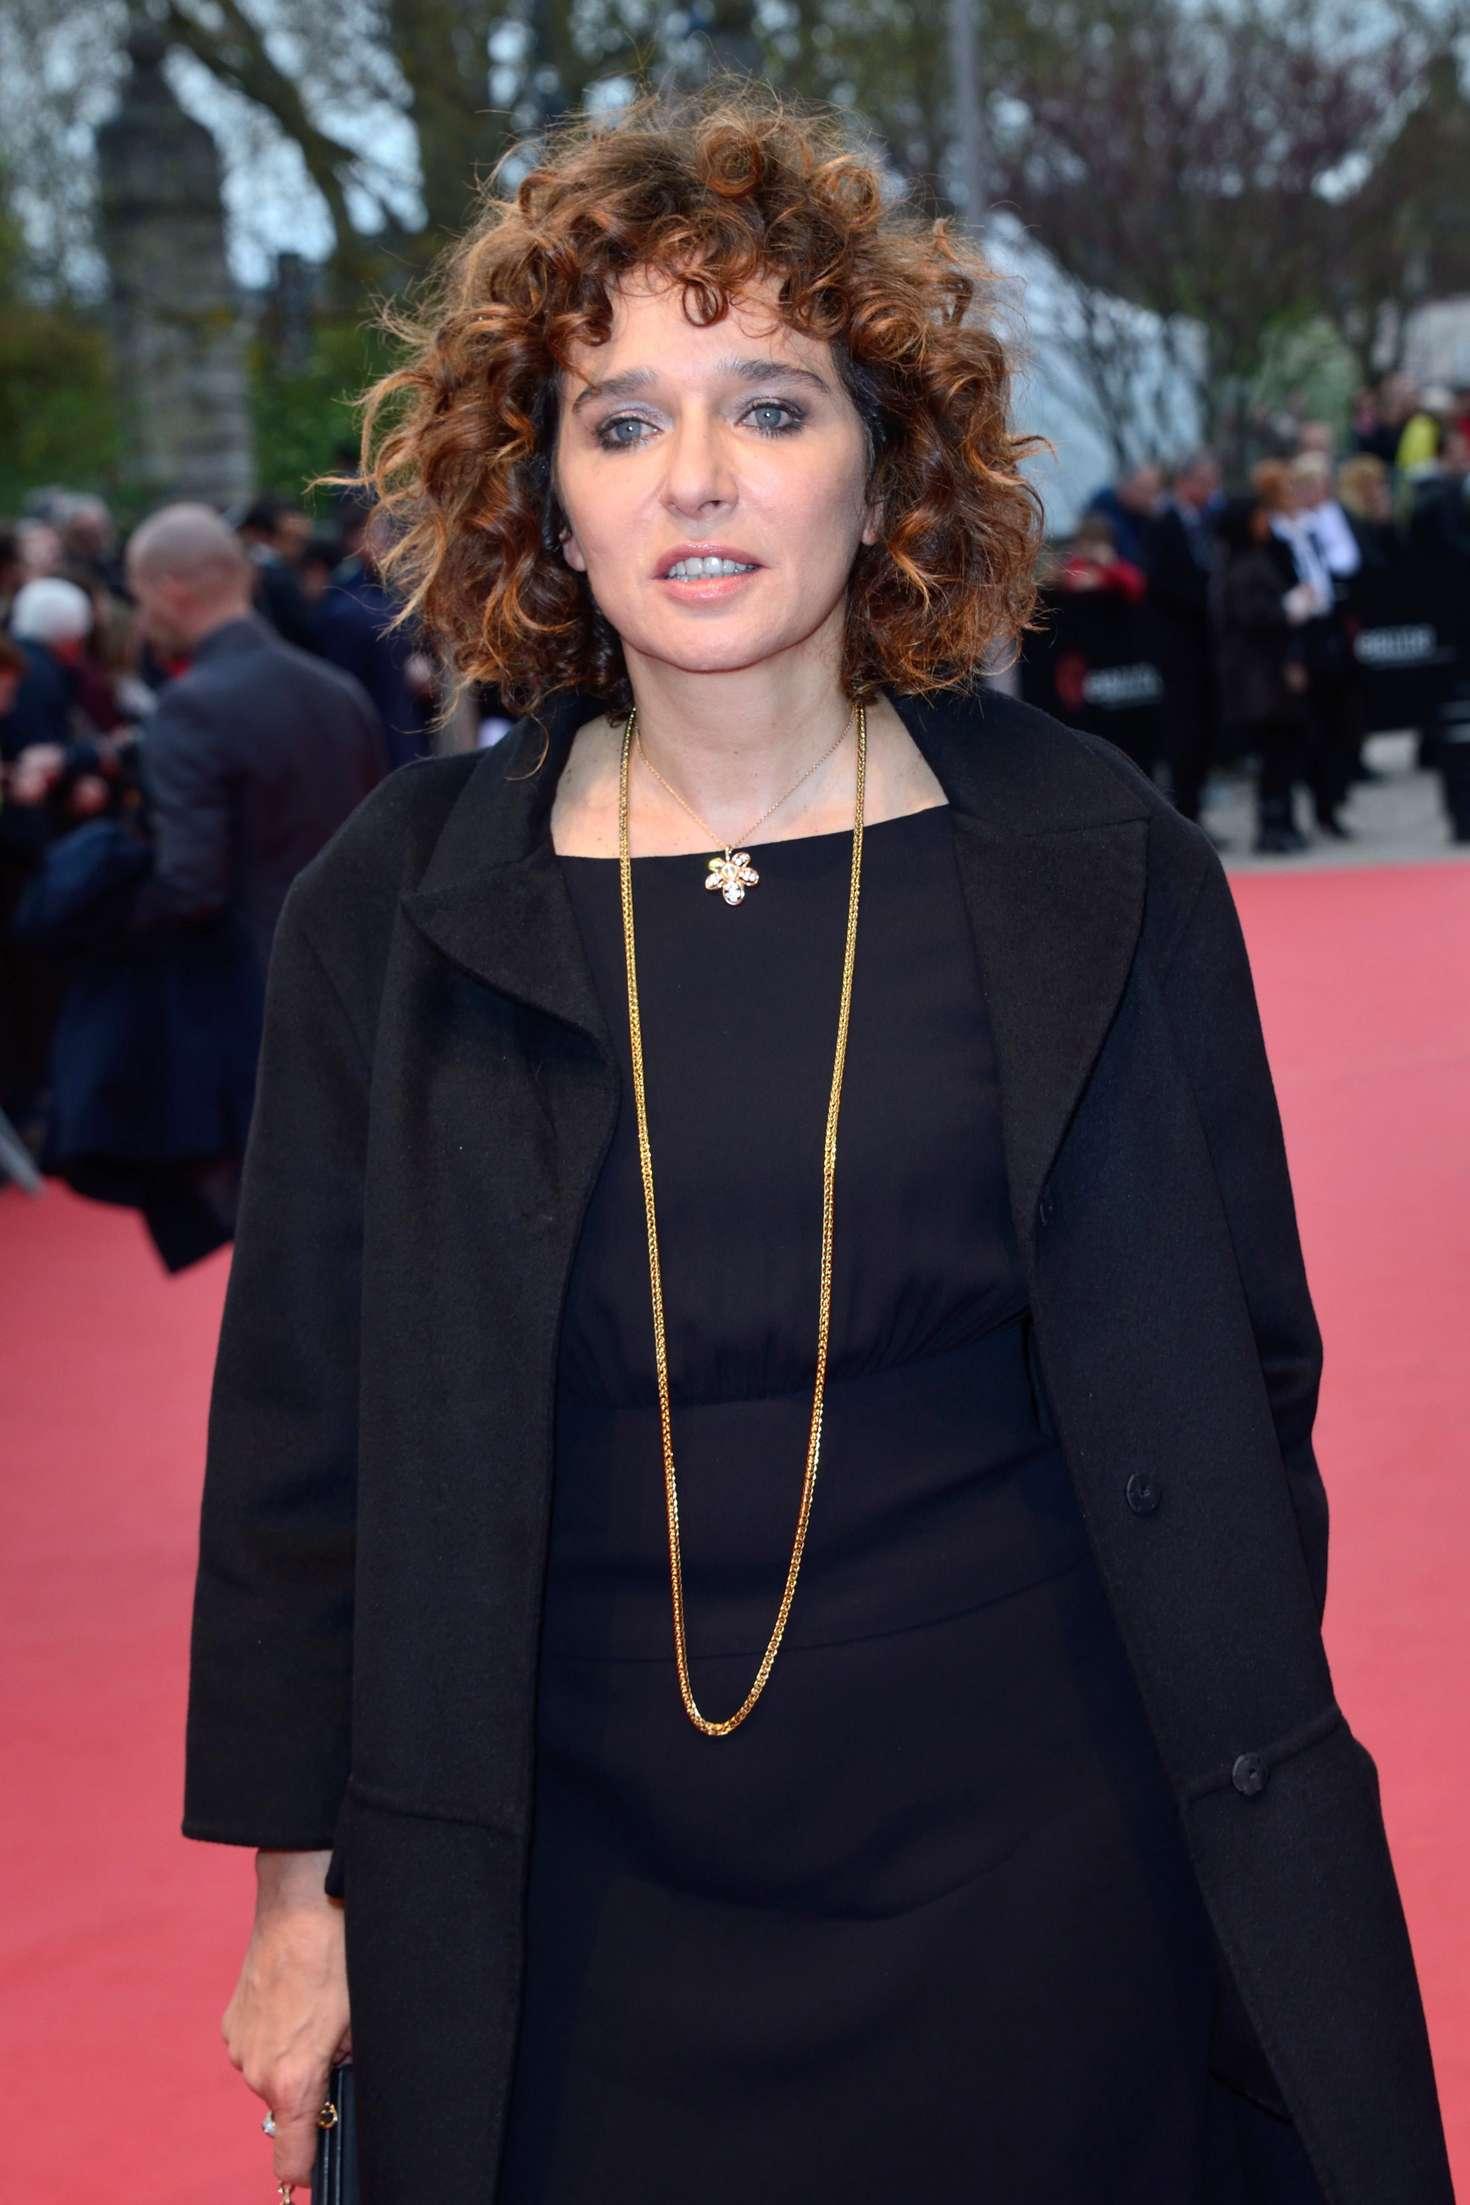 Valeria Golino - 9th Beaune International Thriller Film Festival in France